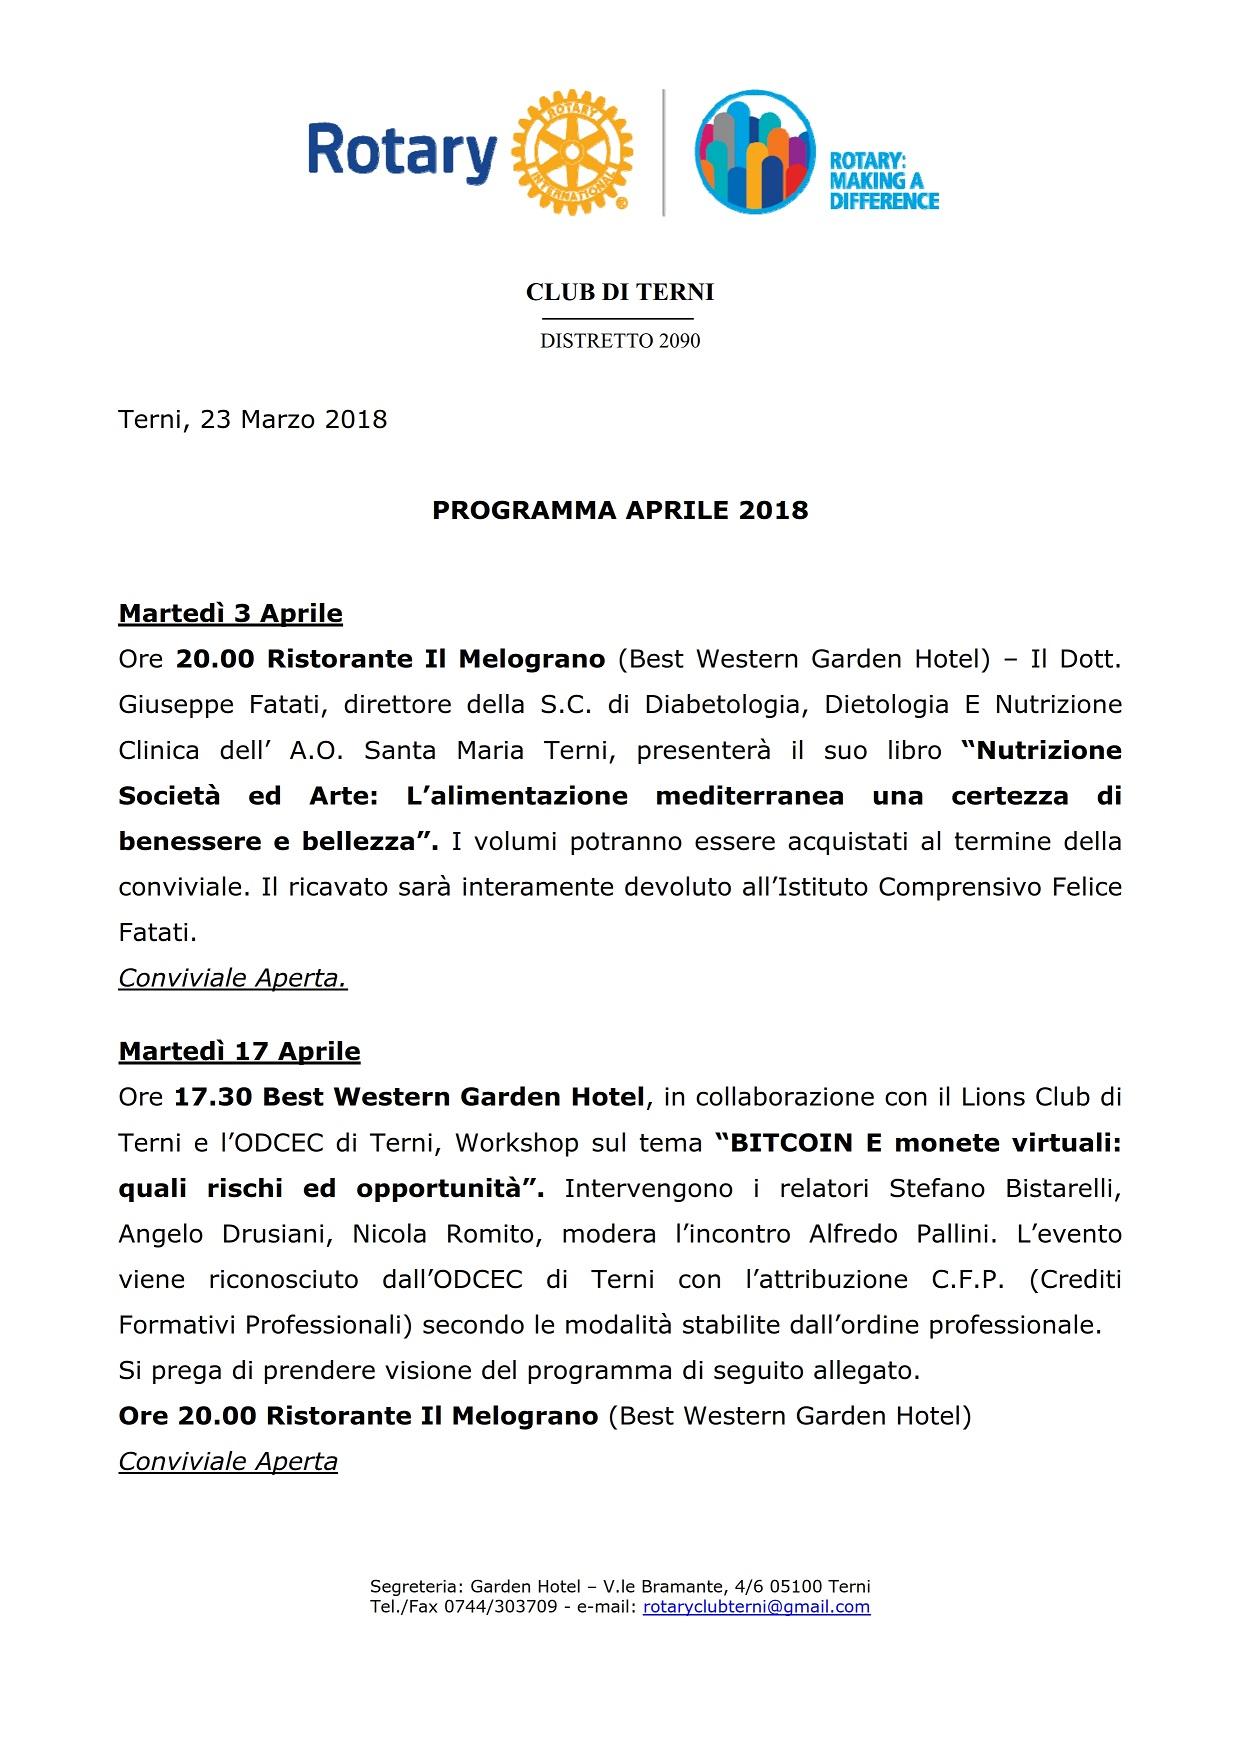 Programma Aprile 2018_001